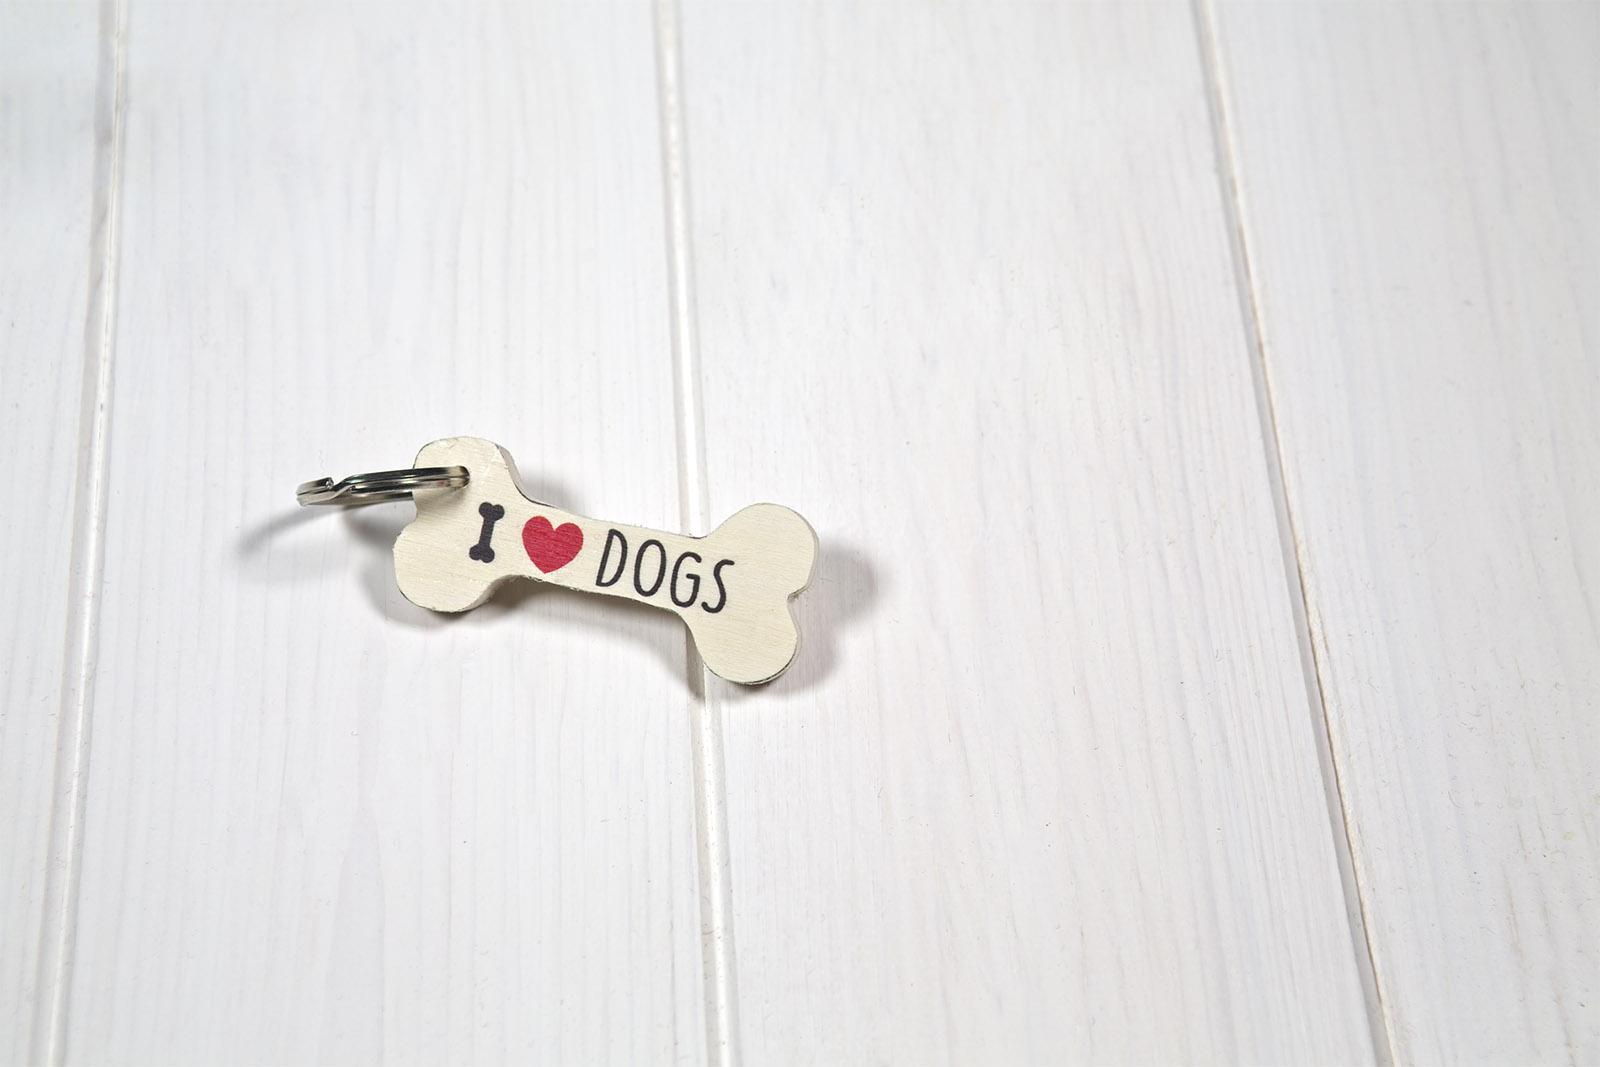 Portachiavi Di Legno Sagoma Osso Cane - I Love Dogs